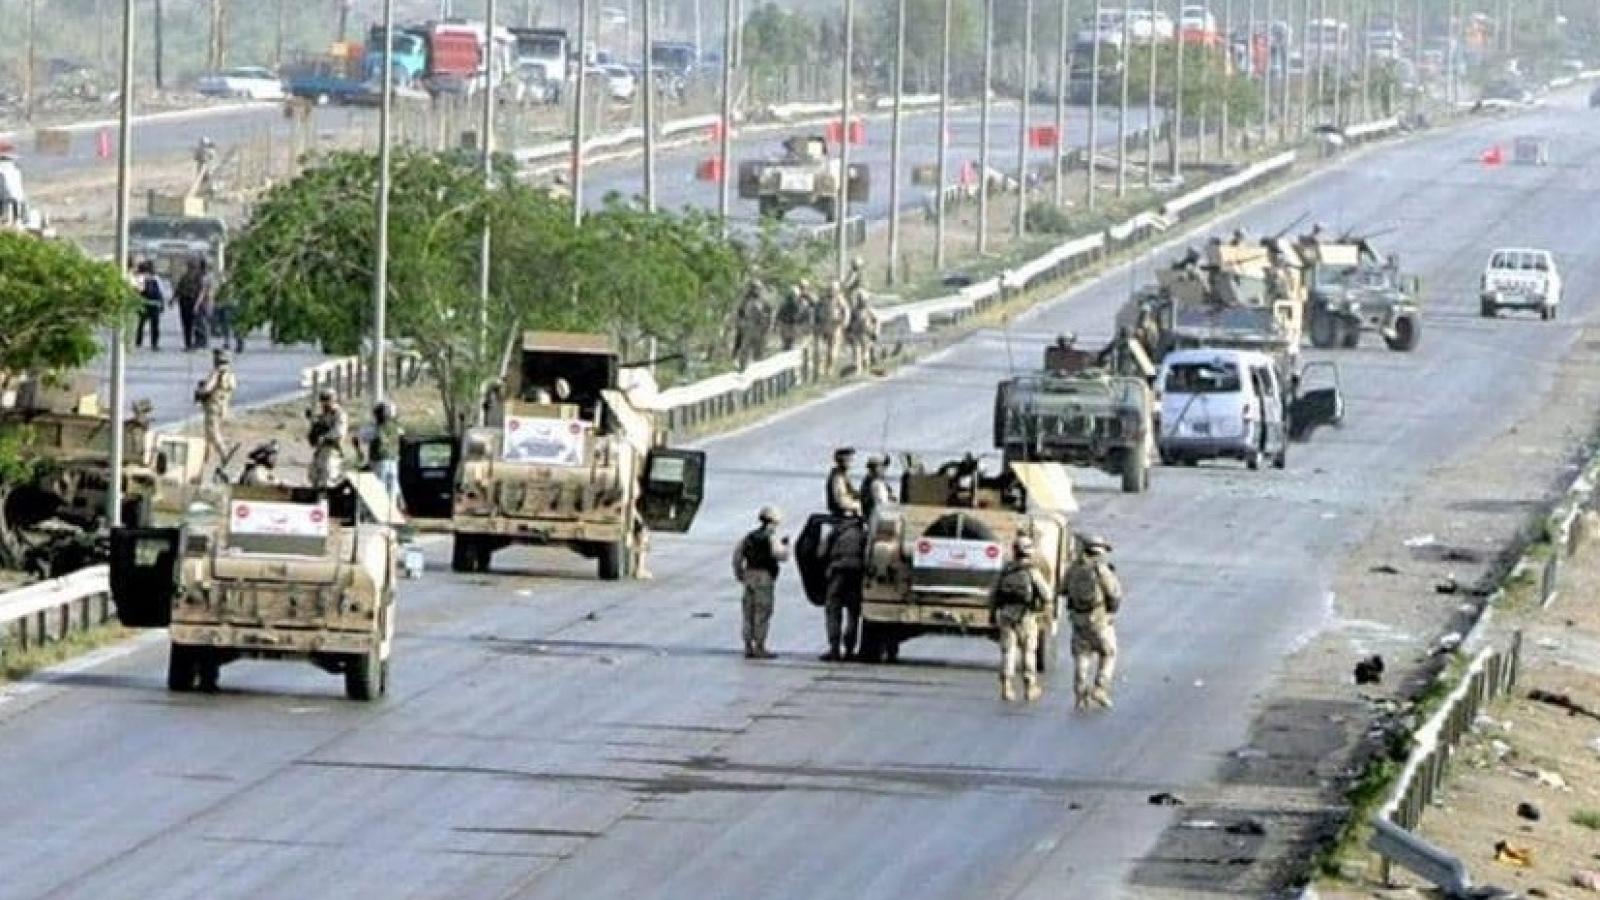 Lực lượng Mỹ được báo động tối đasau khi các căn cứ quân sự tại Iraq bị tấn công